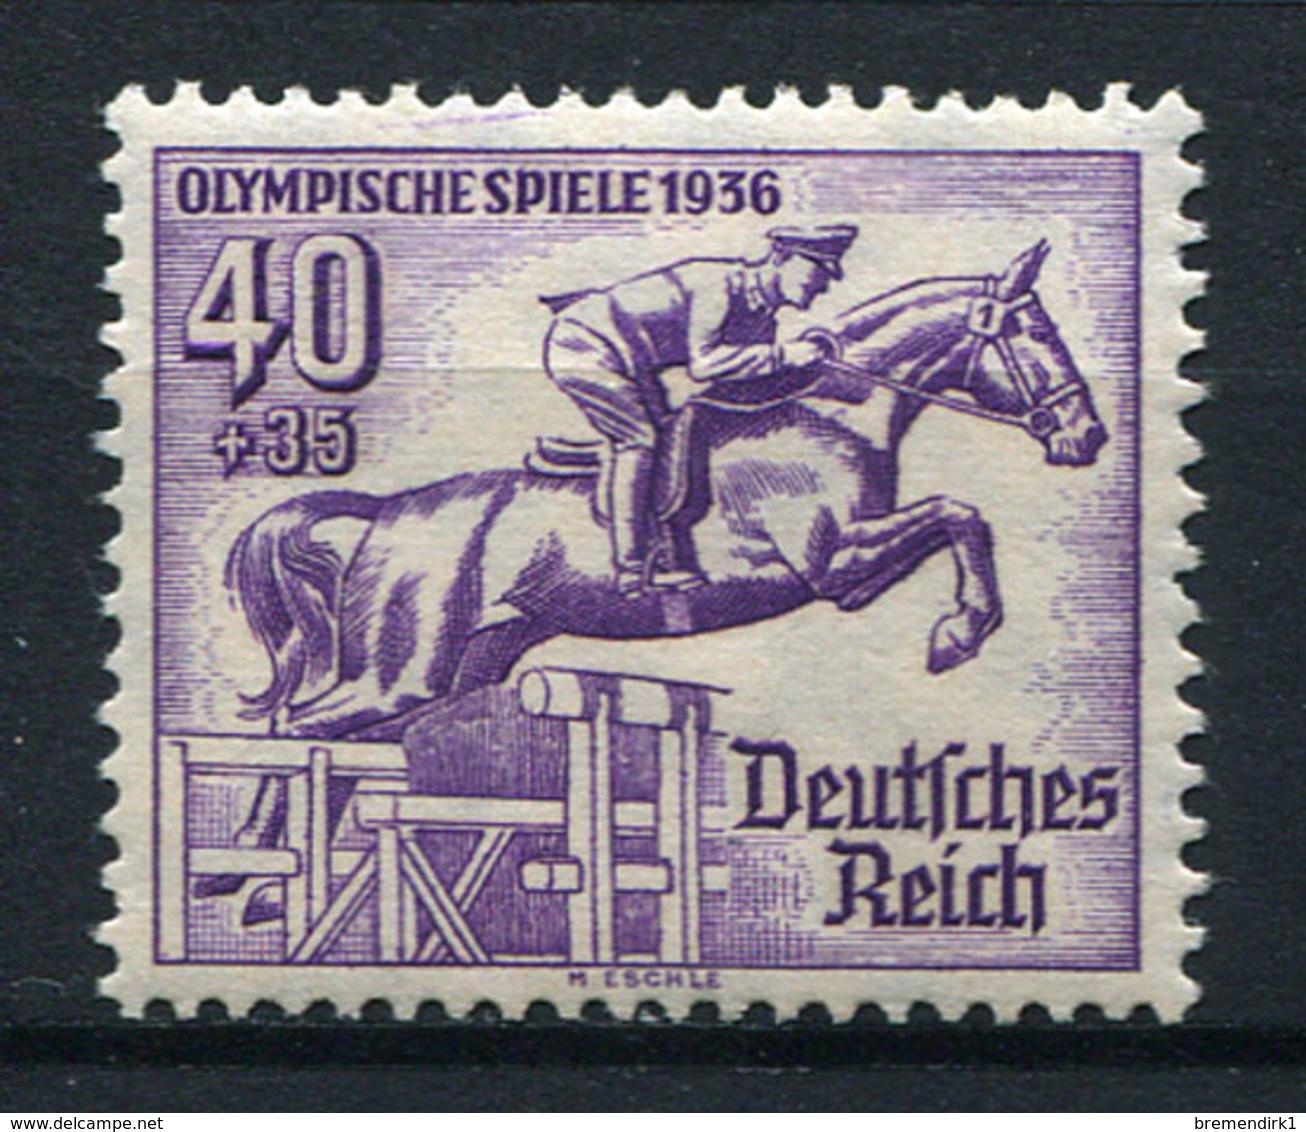 41685) DEUTSCHES REICH # 616 Postfrisch Aus 1936, 45.- € - Germany